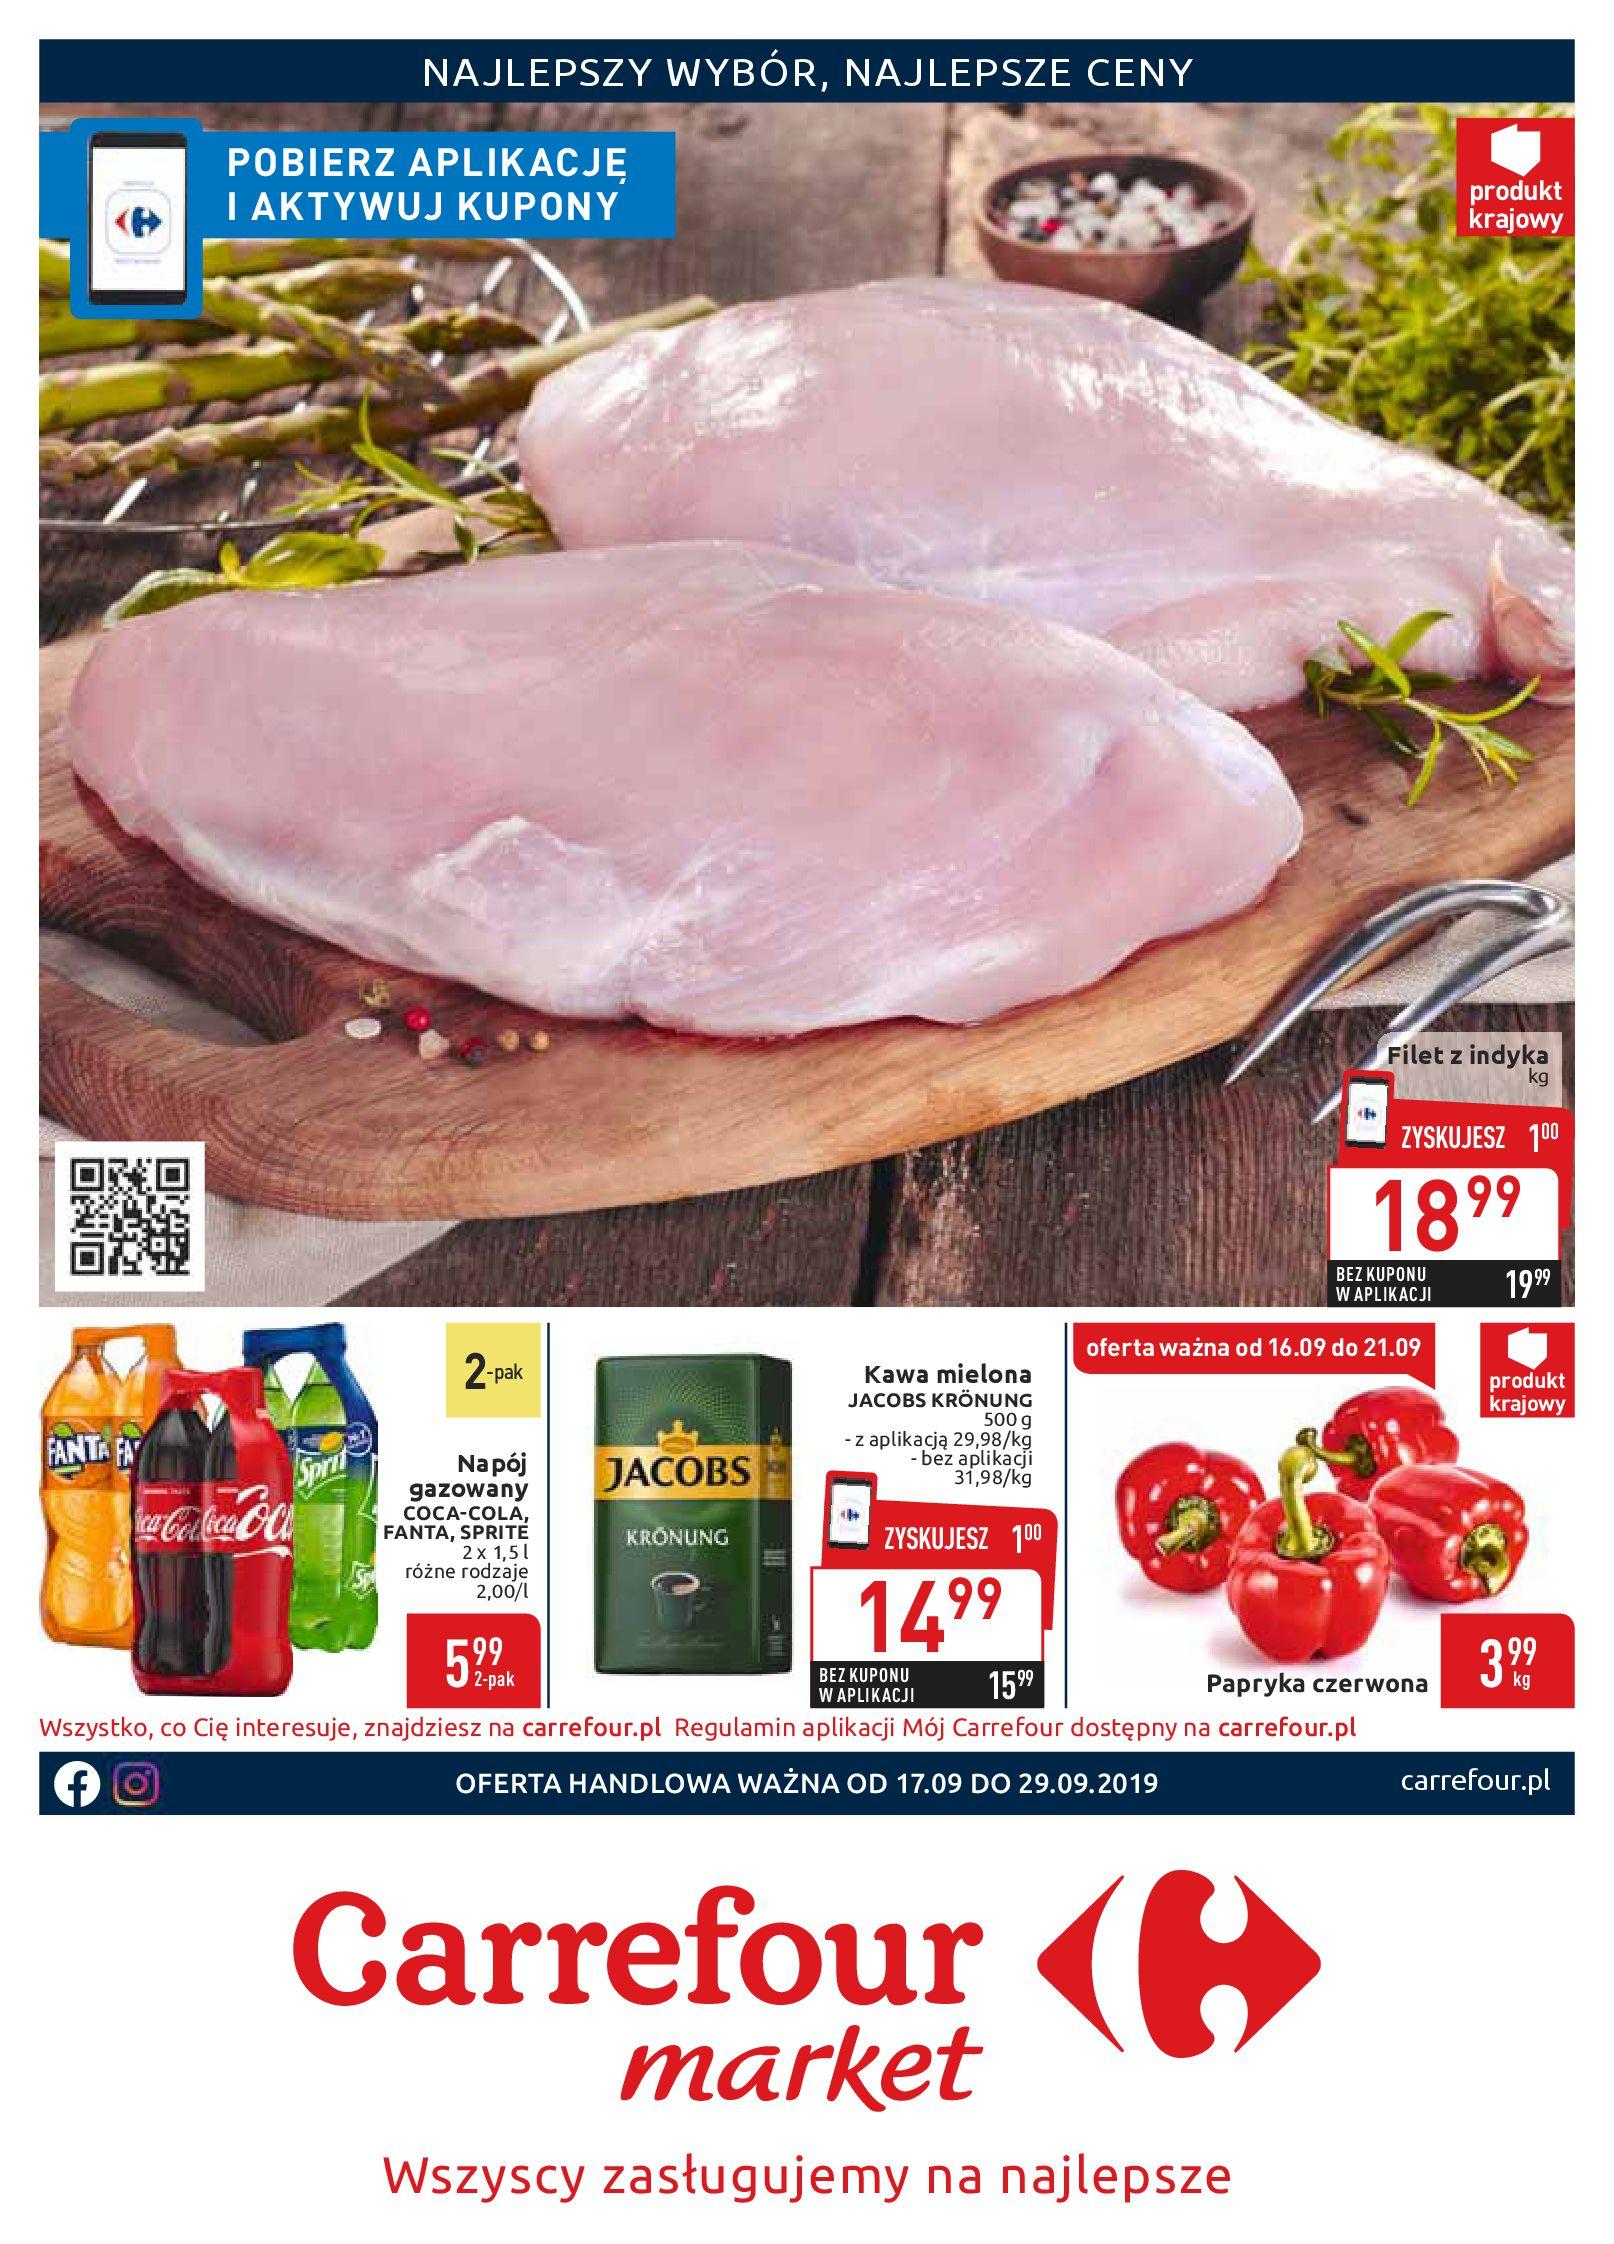 Gazetka Carrefour Market - Wszyscy zasługujemy na najlepsze-16.09.2019-29.09.2019-page-1